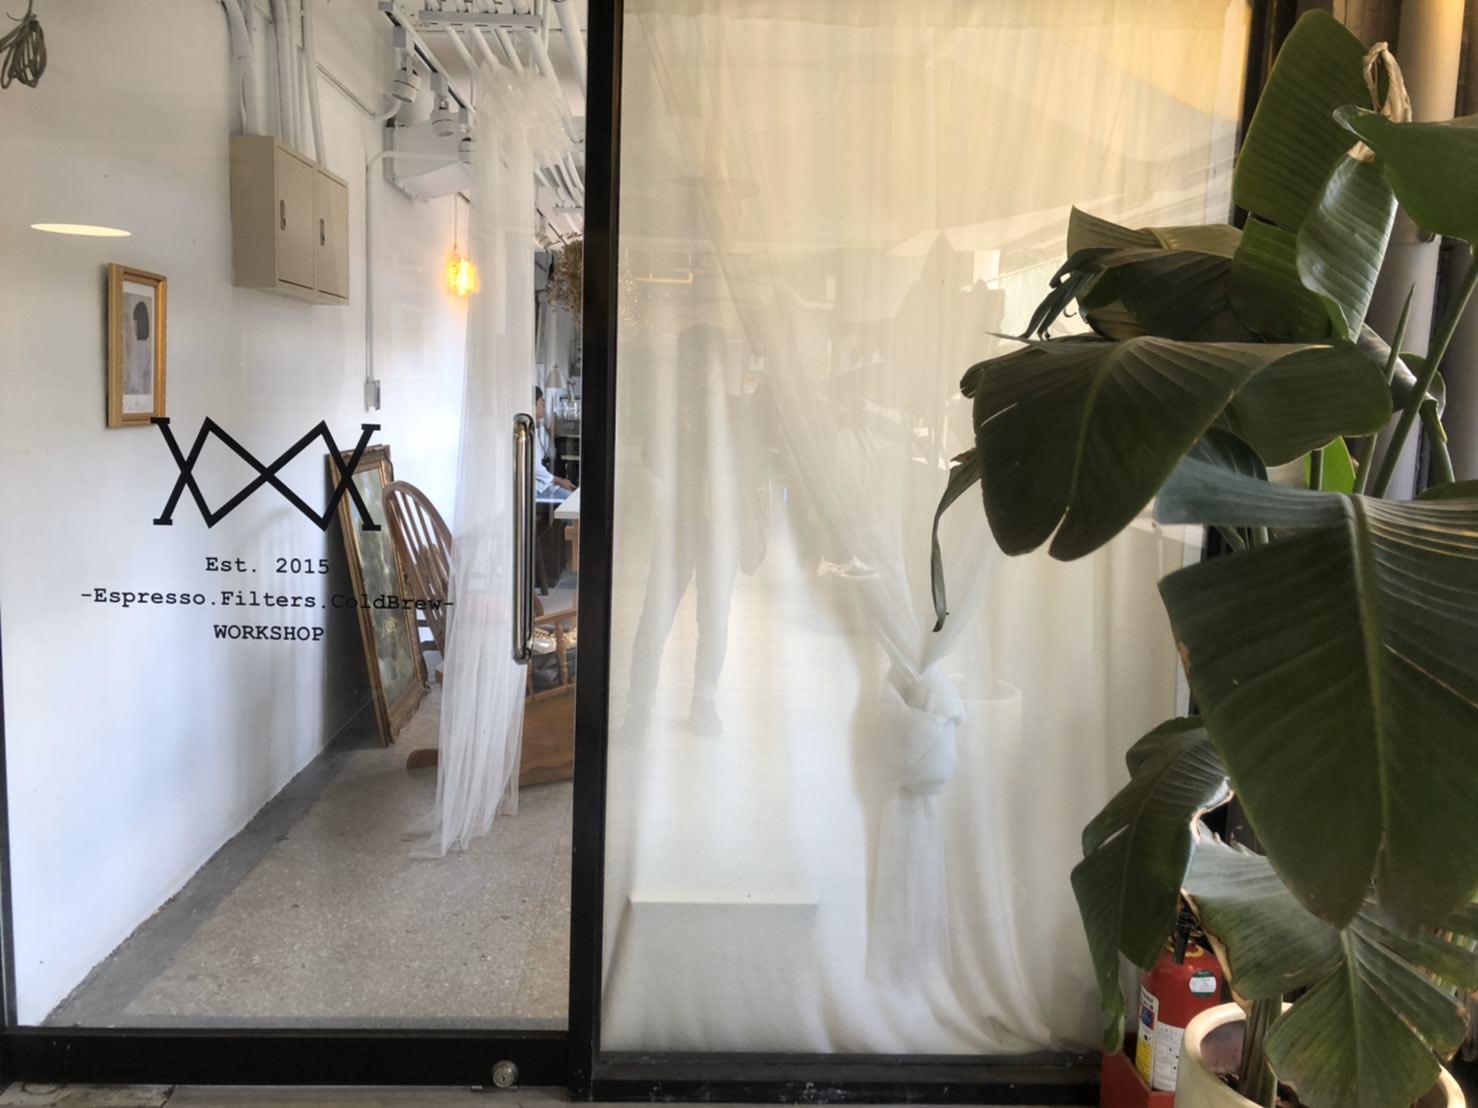 台北文青咖啡廳| W&M workshop 喝得到需要運氣